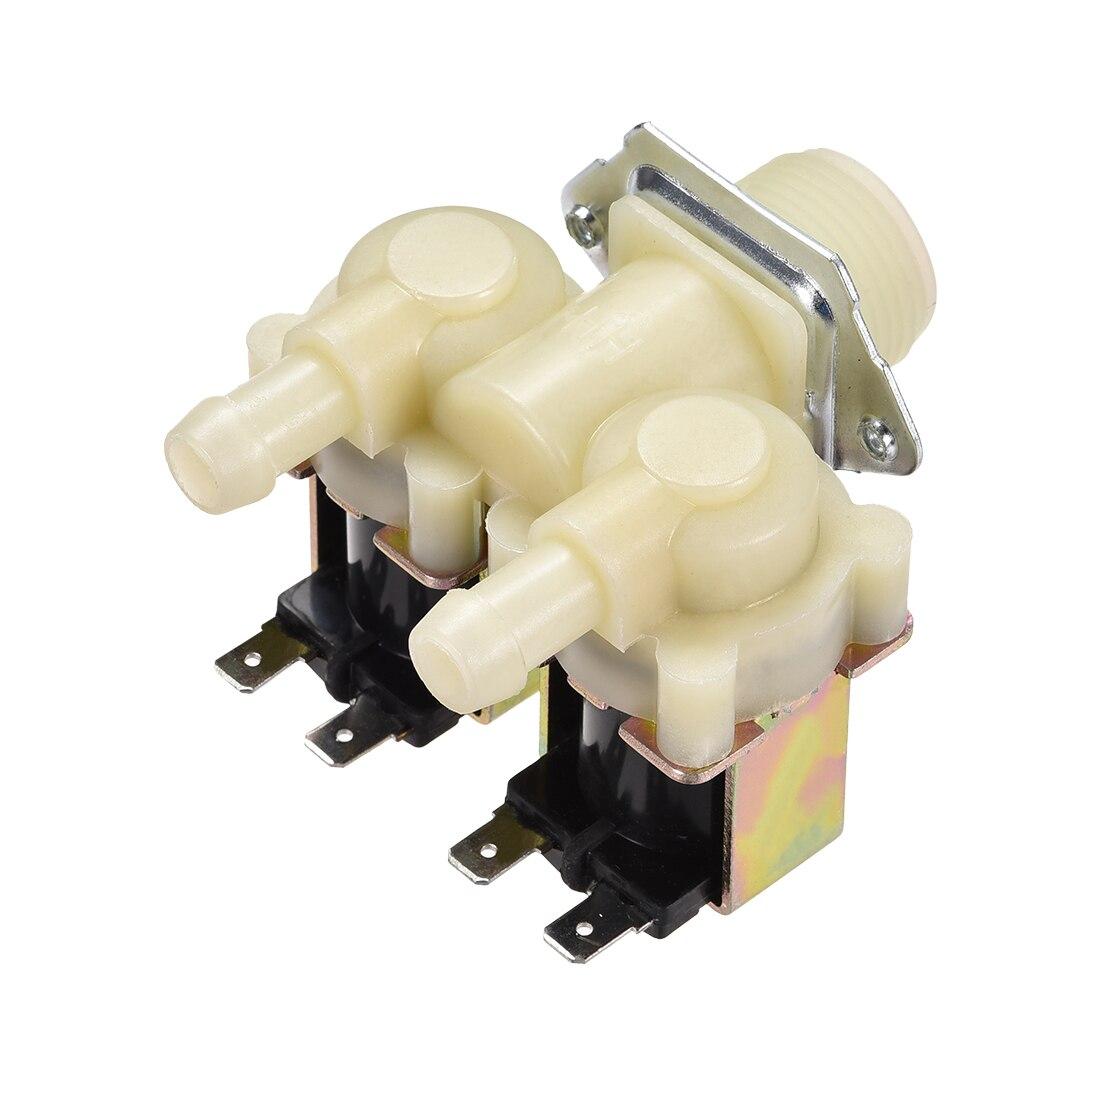 Uxcell Электрический электромагнитный клапан DC12V/24 В G3/4x12 мм Барб пластик NO/NC давление воды на входе переключатель потока